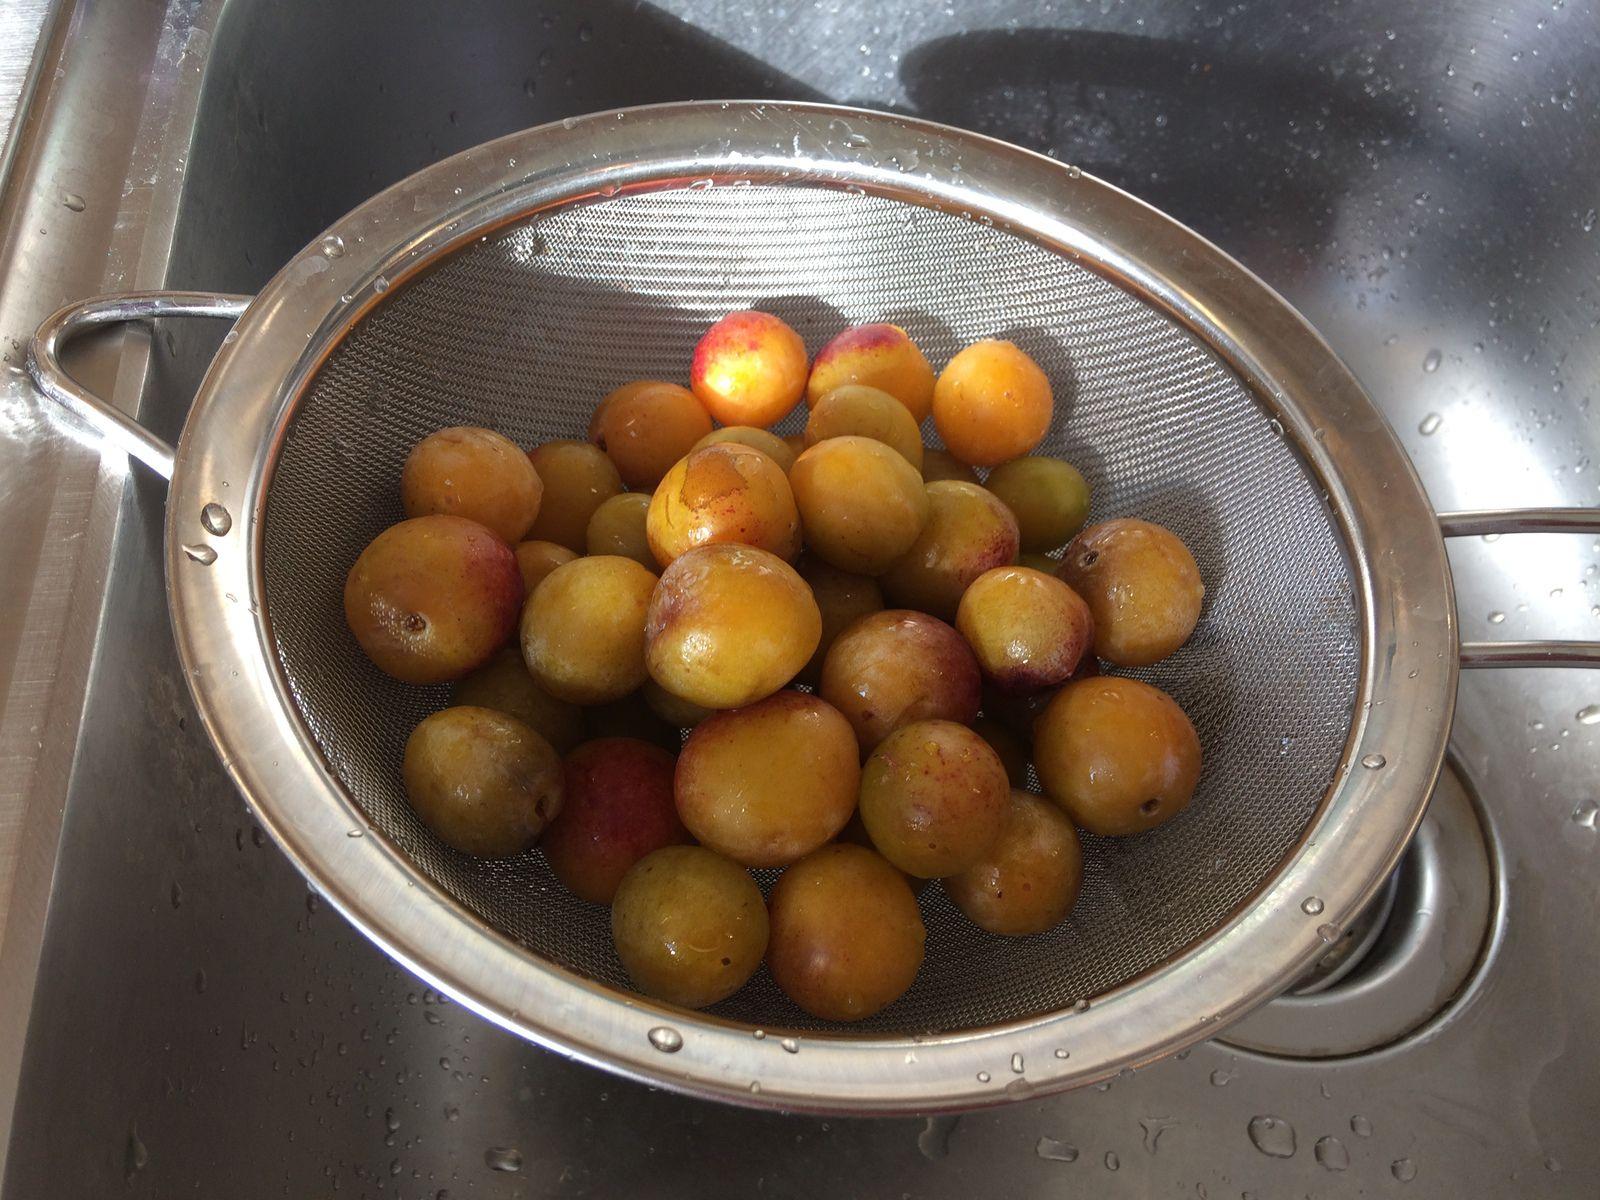 On rince d'abord les fruits sous l'eau et on les sèche. J'ai choisi de ne pas les dénoyauter.